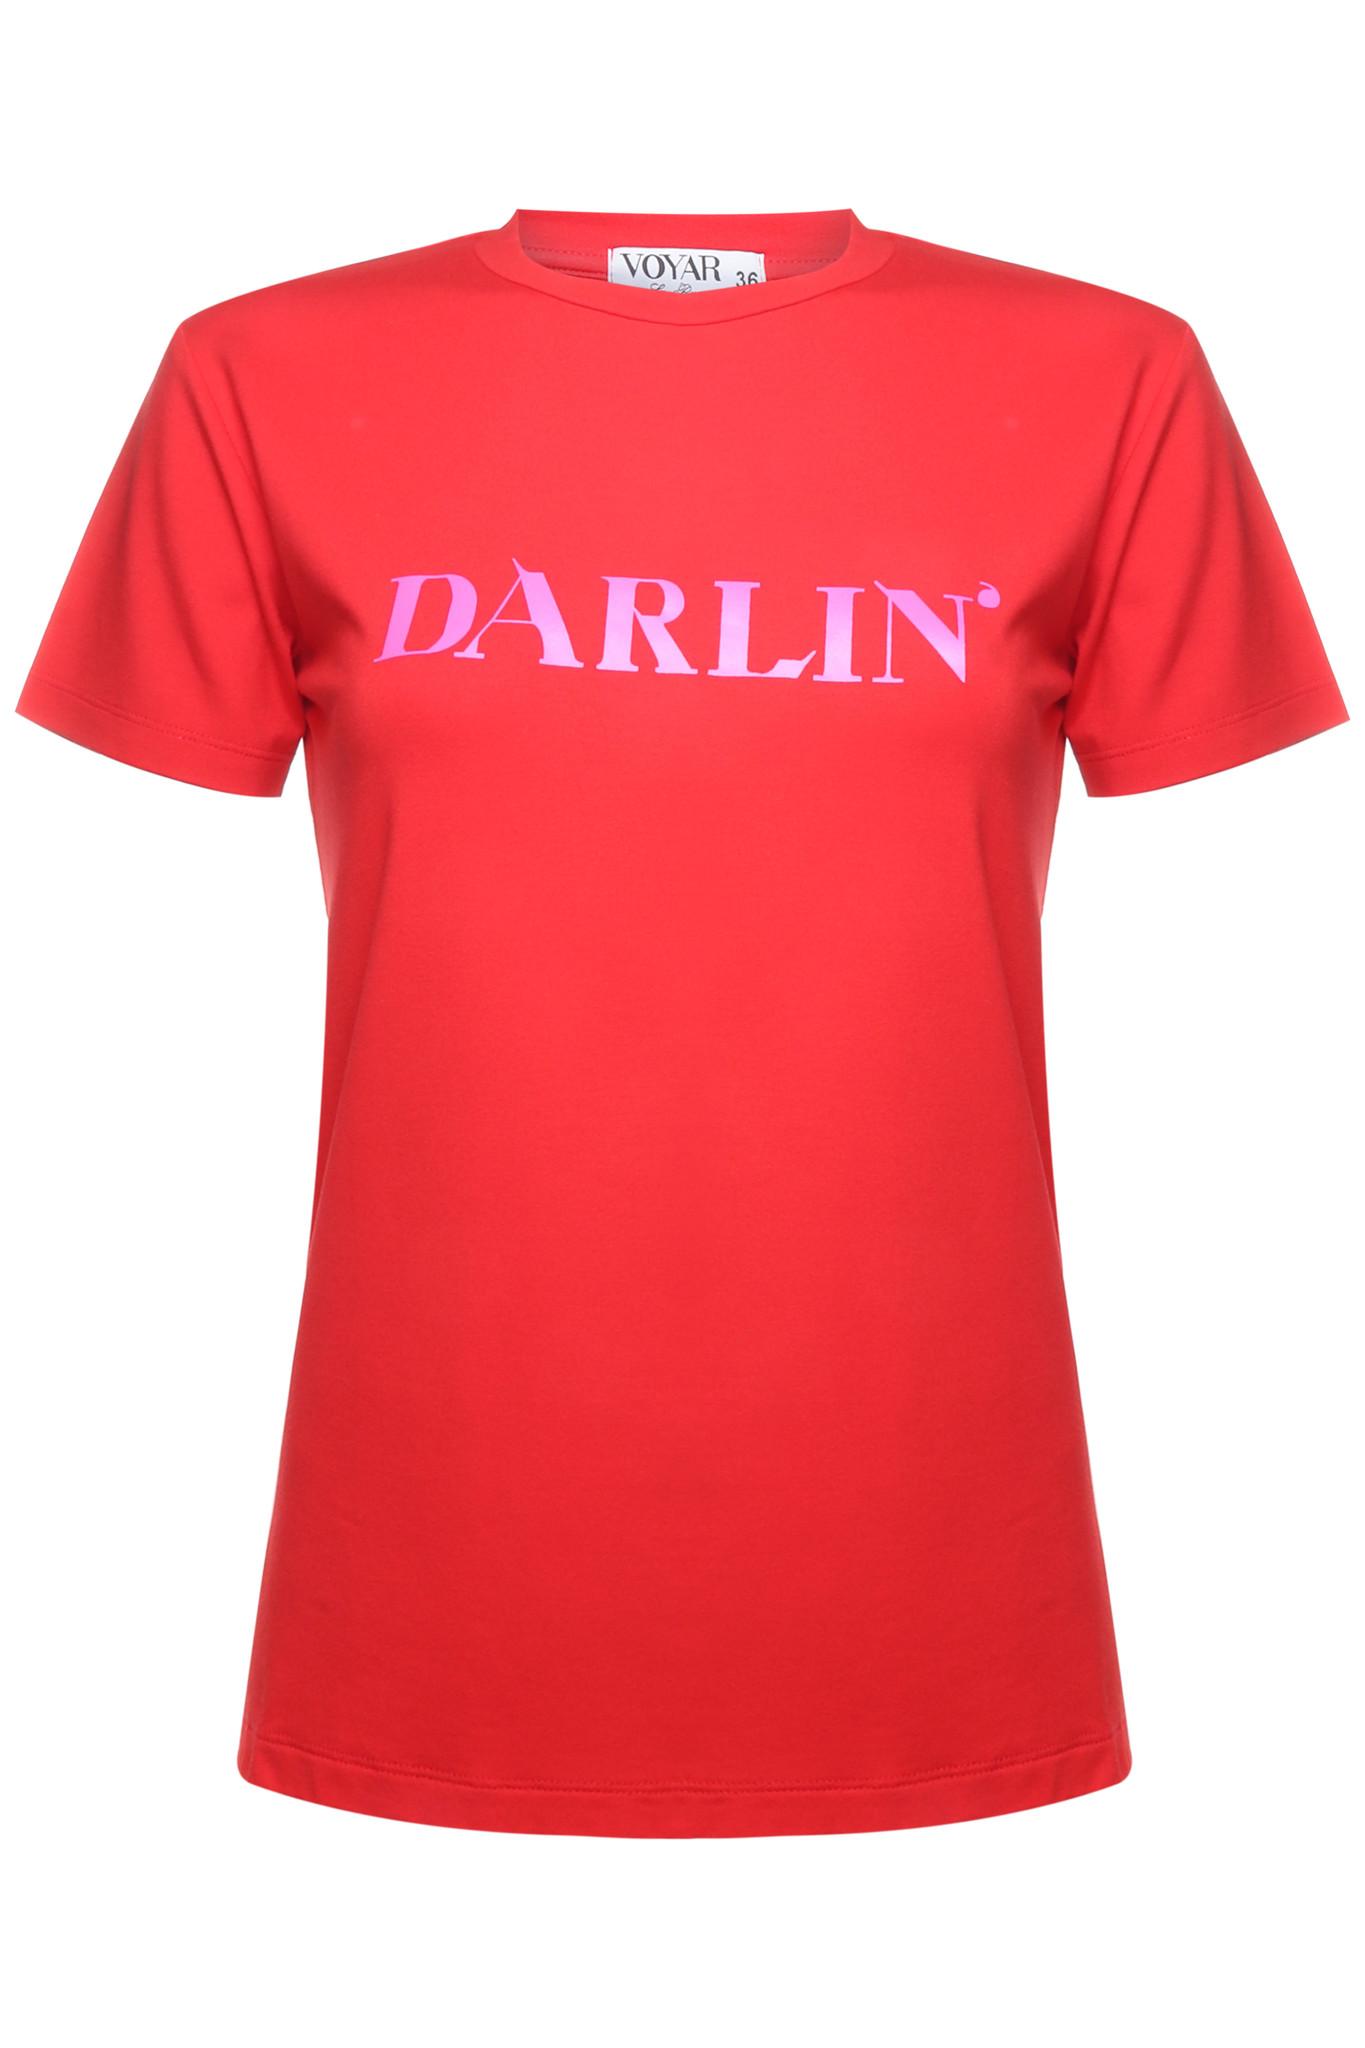 Tshirt Darlin'